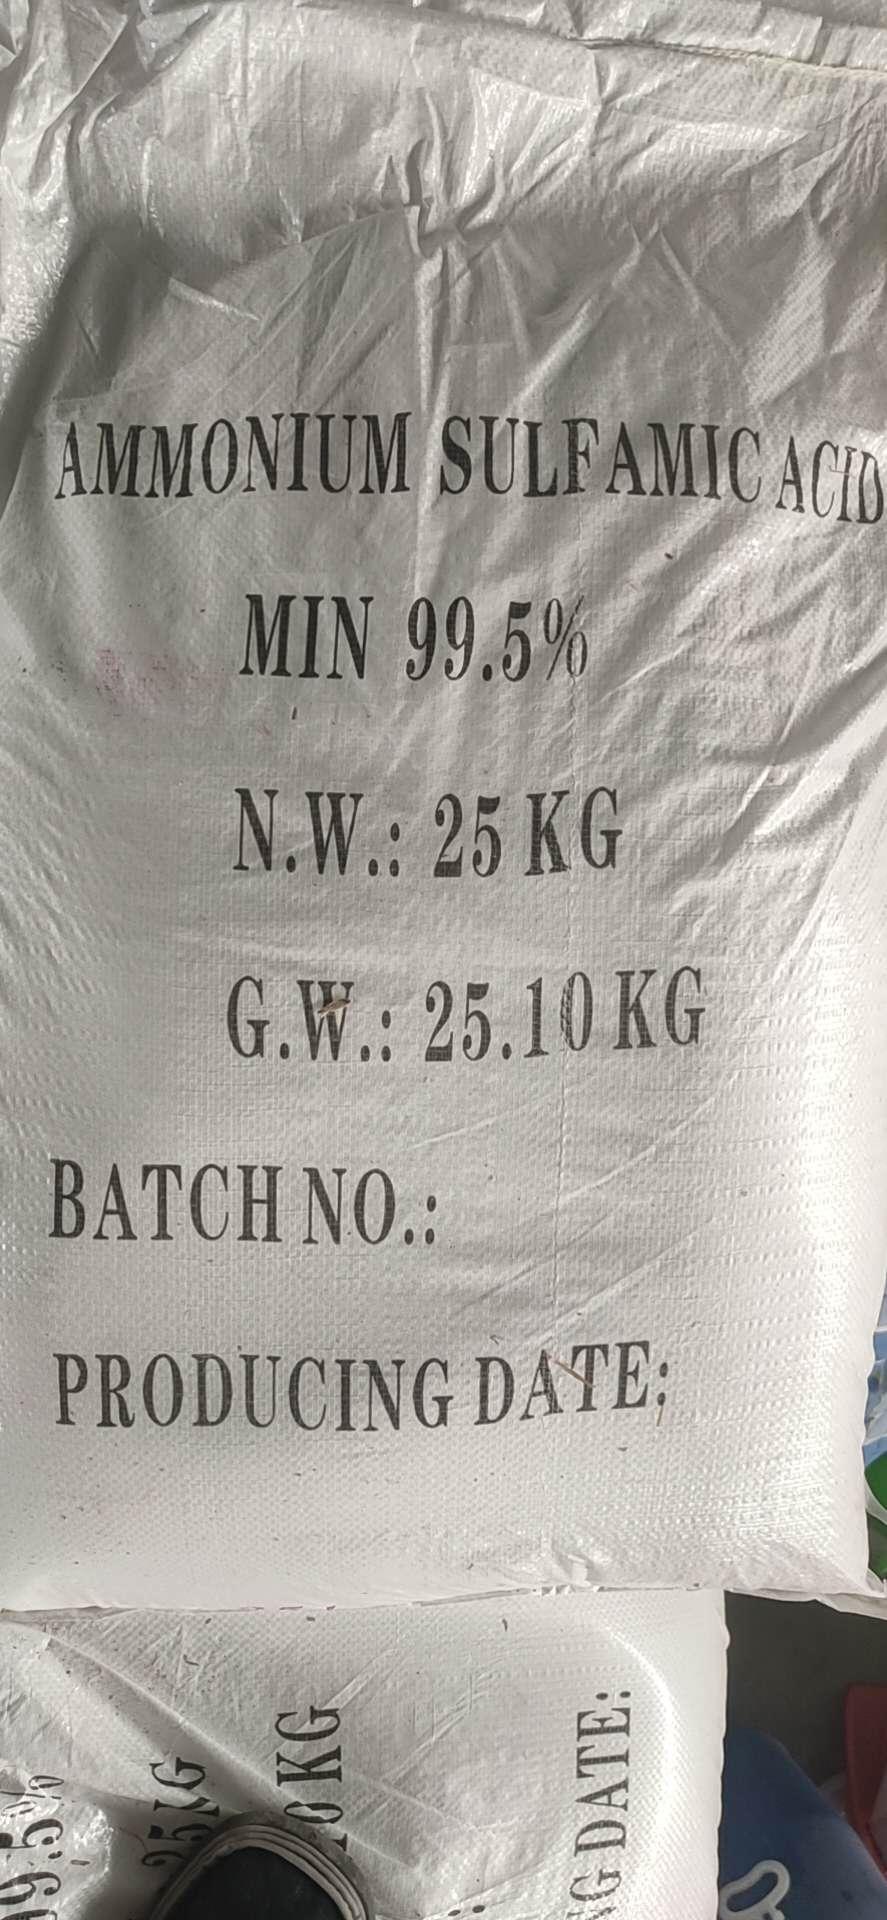 昌吉市工业氨基磺酸厂家克拉玛依工业氨基磺酸在哪卖